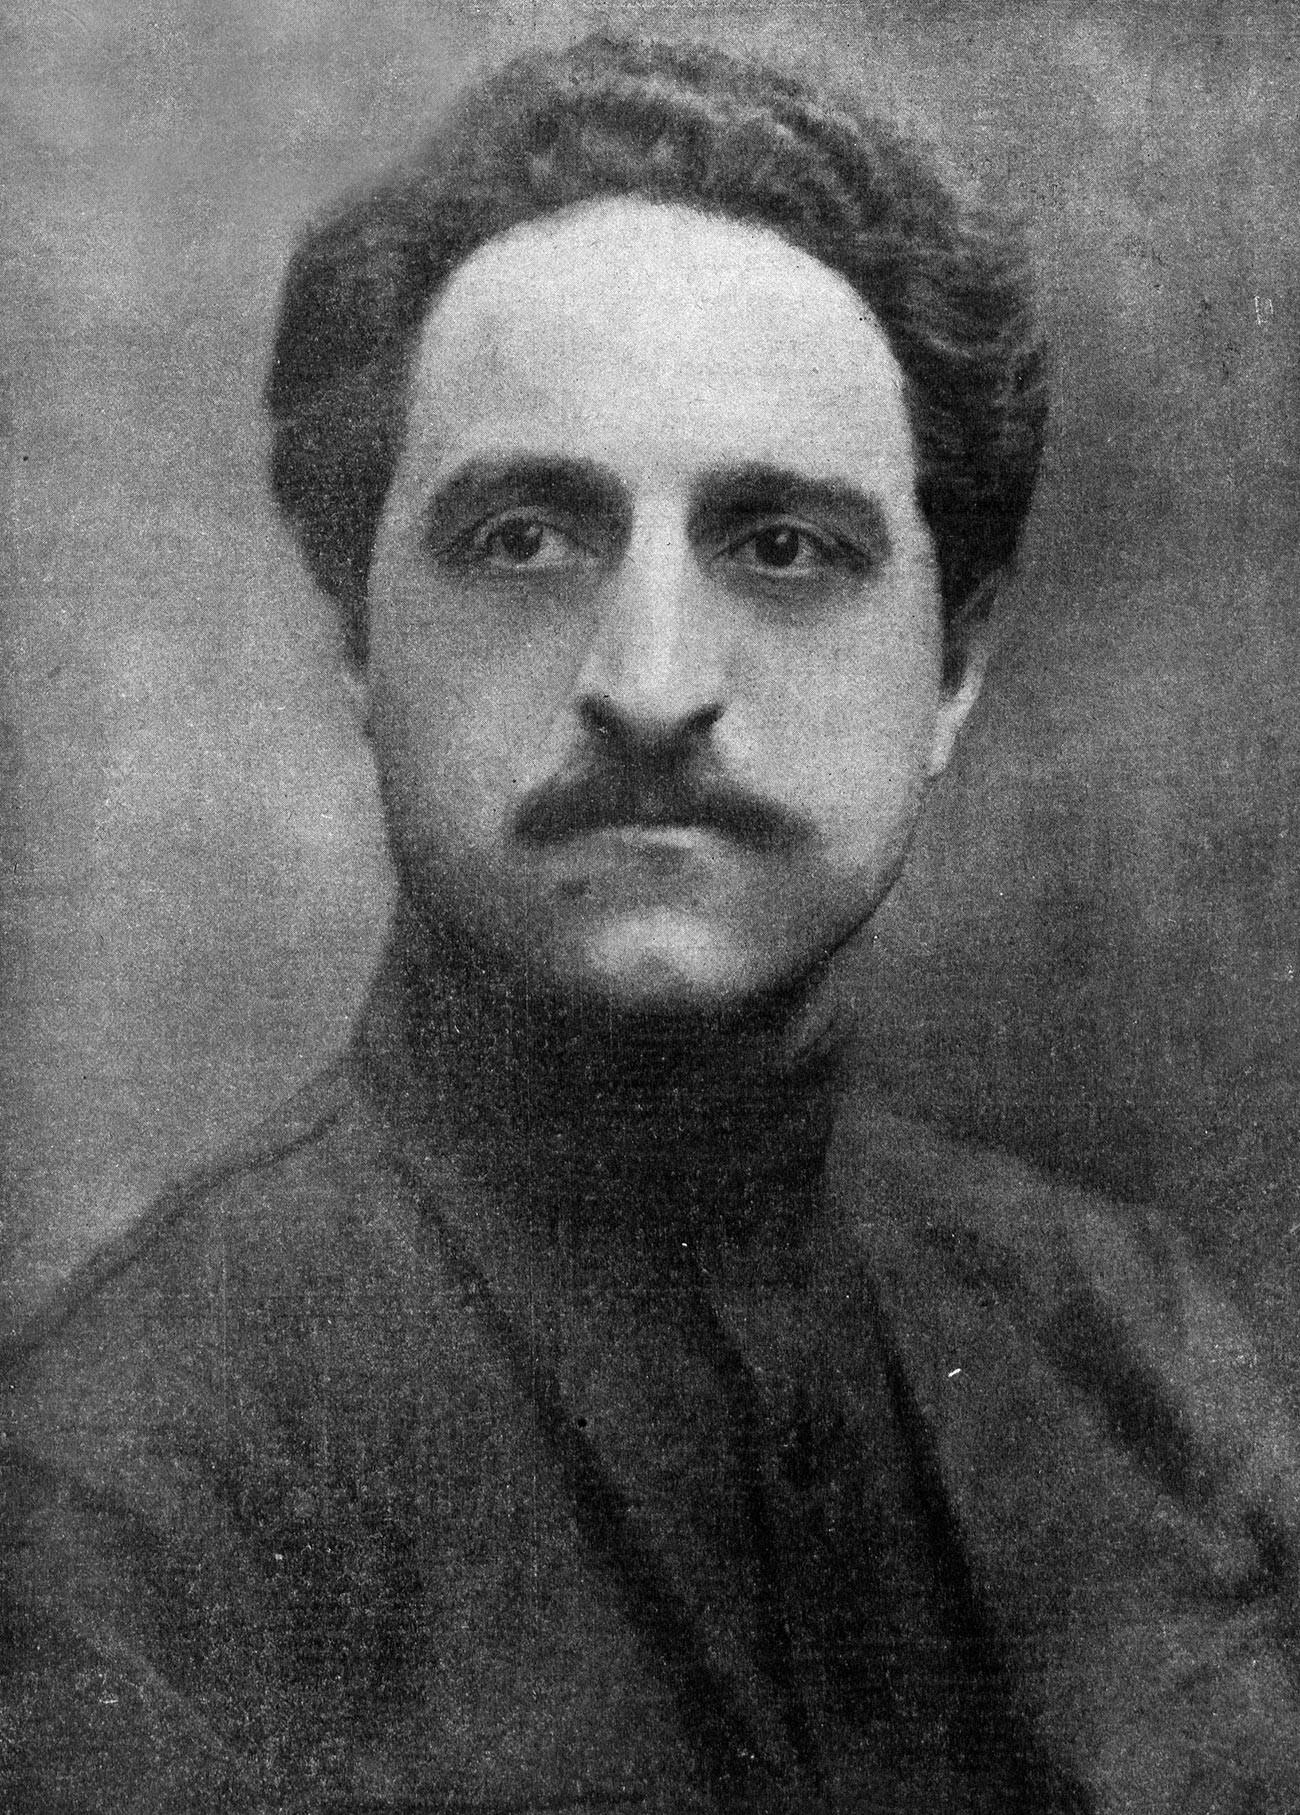 Sergo Ordzhonikidze.